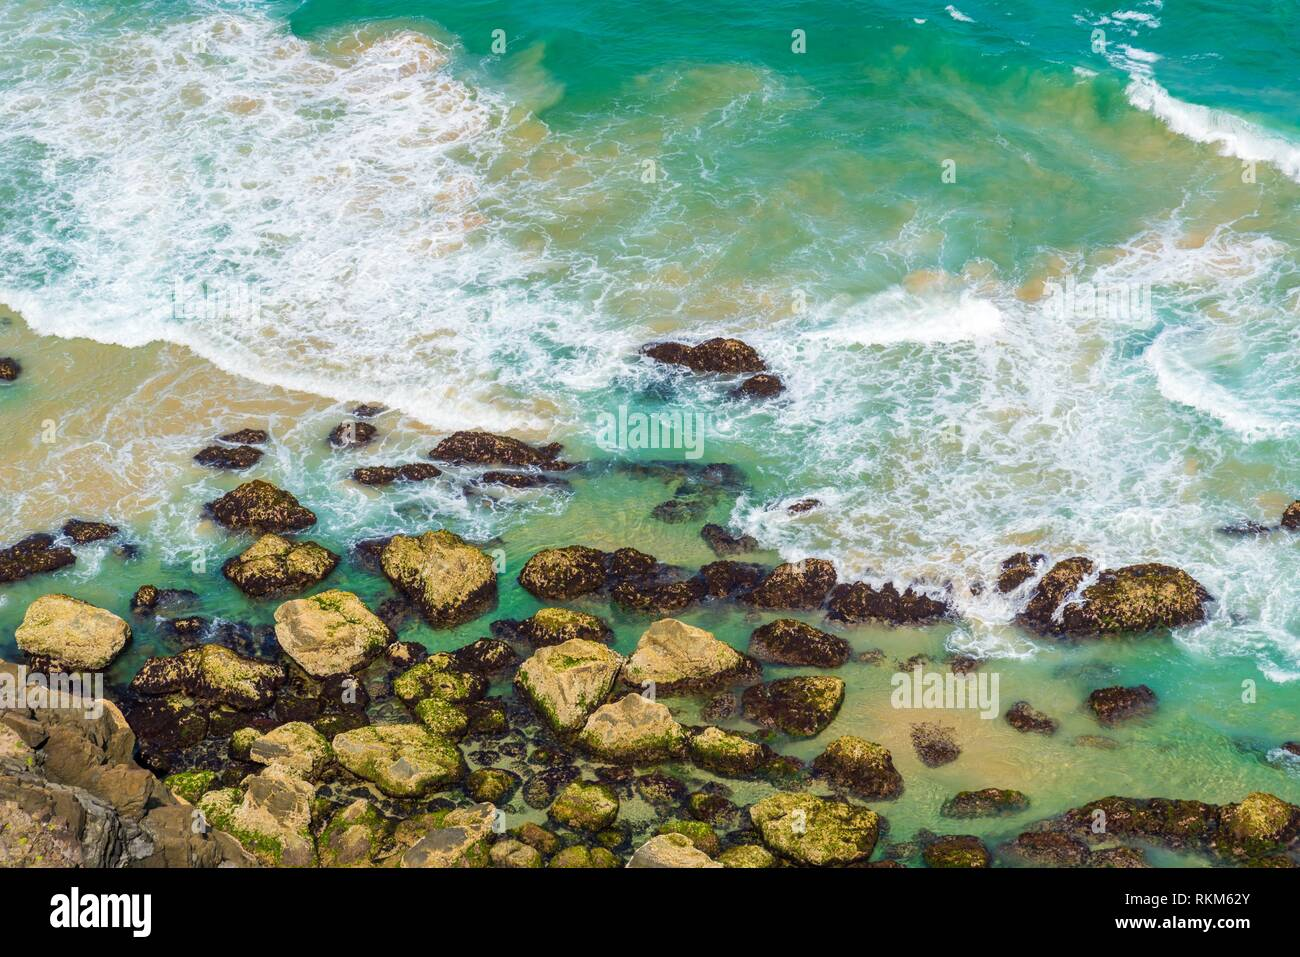 Vista aérea sobre ondas de agua turquesa verde en Byron Bay, Australia. Naturaleza del fondo con las aguas oceánicas y rocas en día soleado. Foto de stock